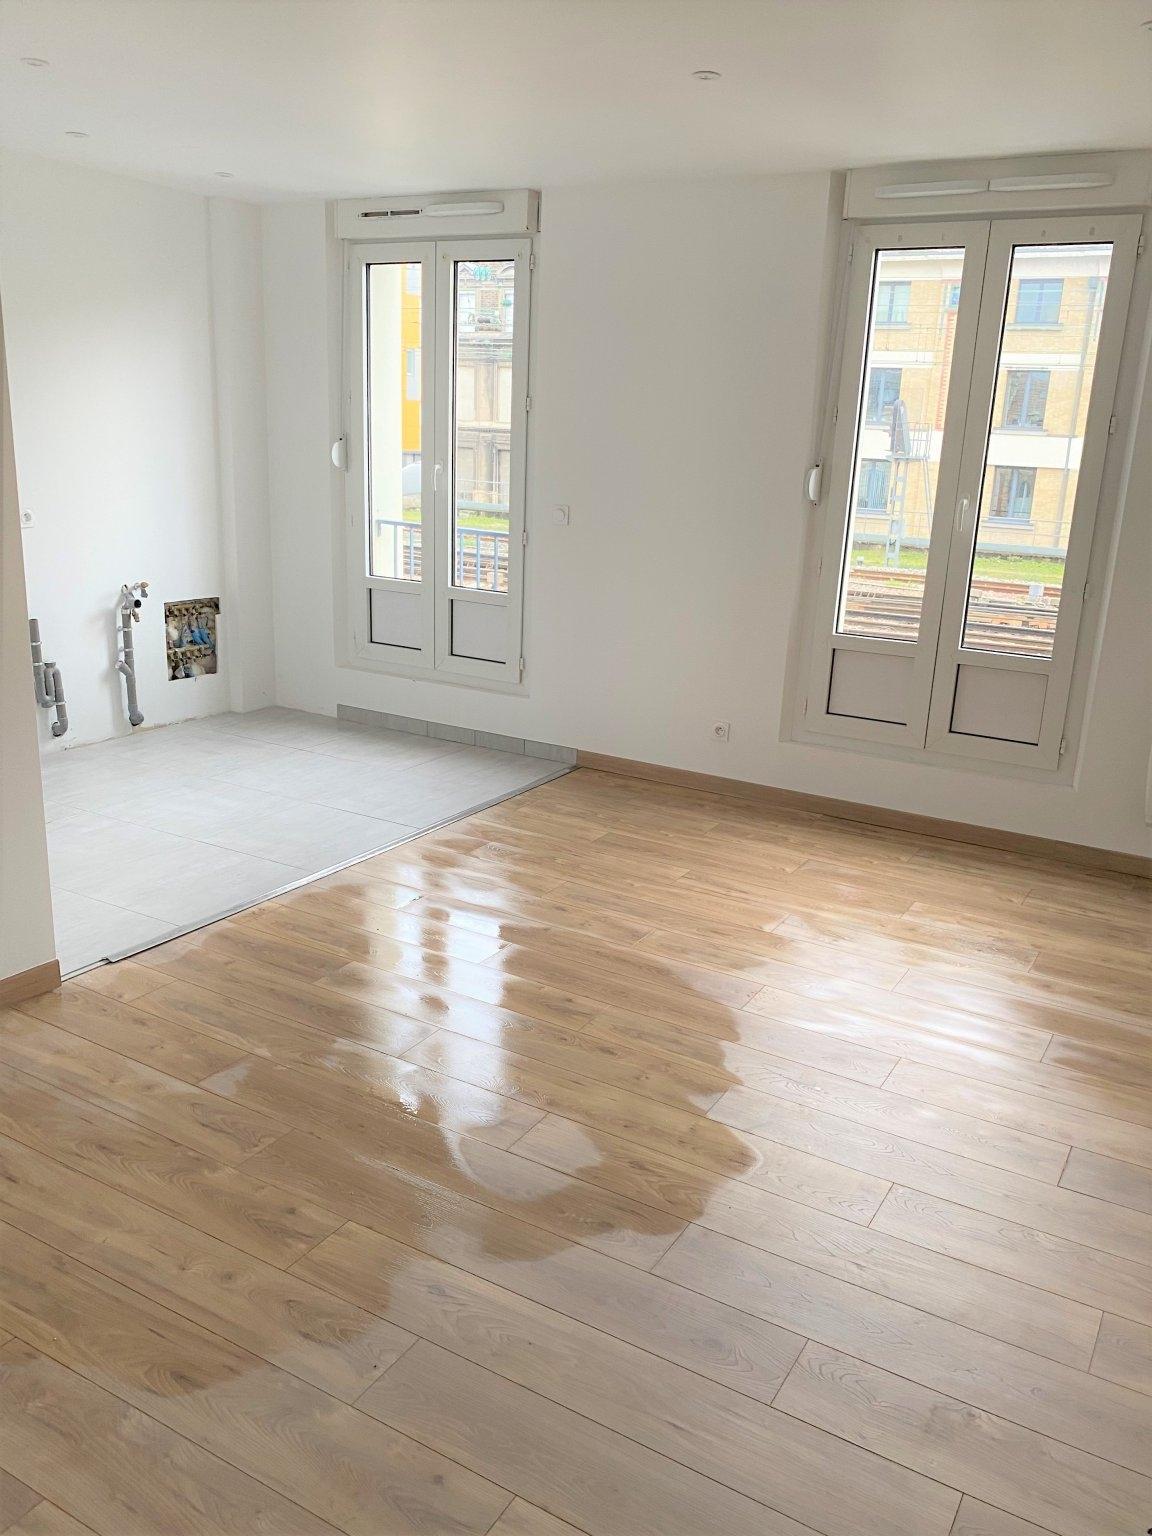 Appartement Reims 2 Pièces 50 m2 - 1